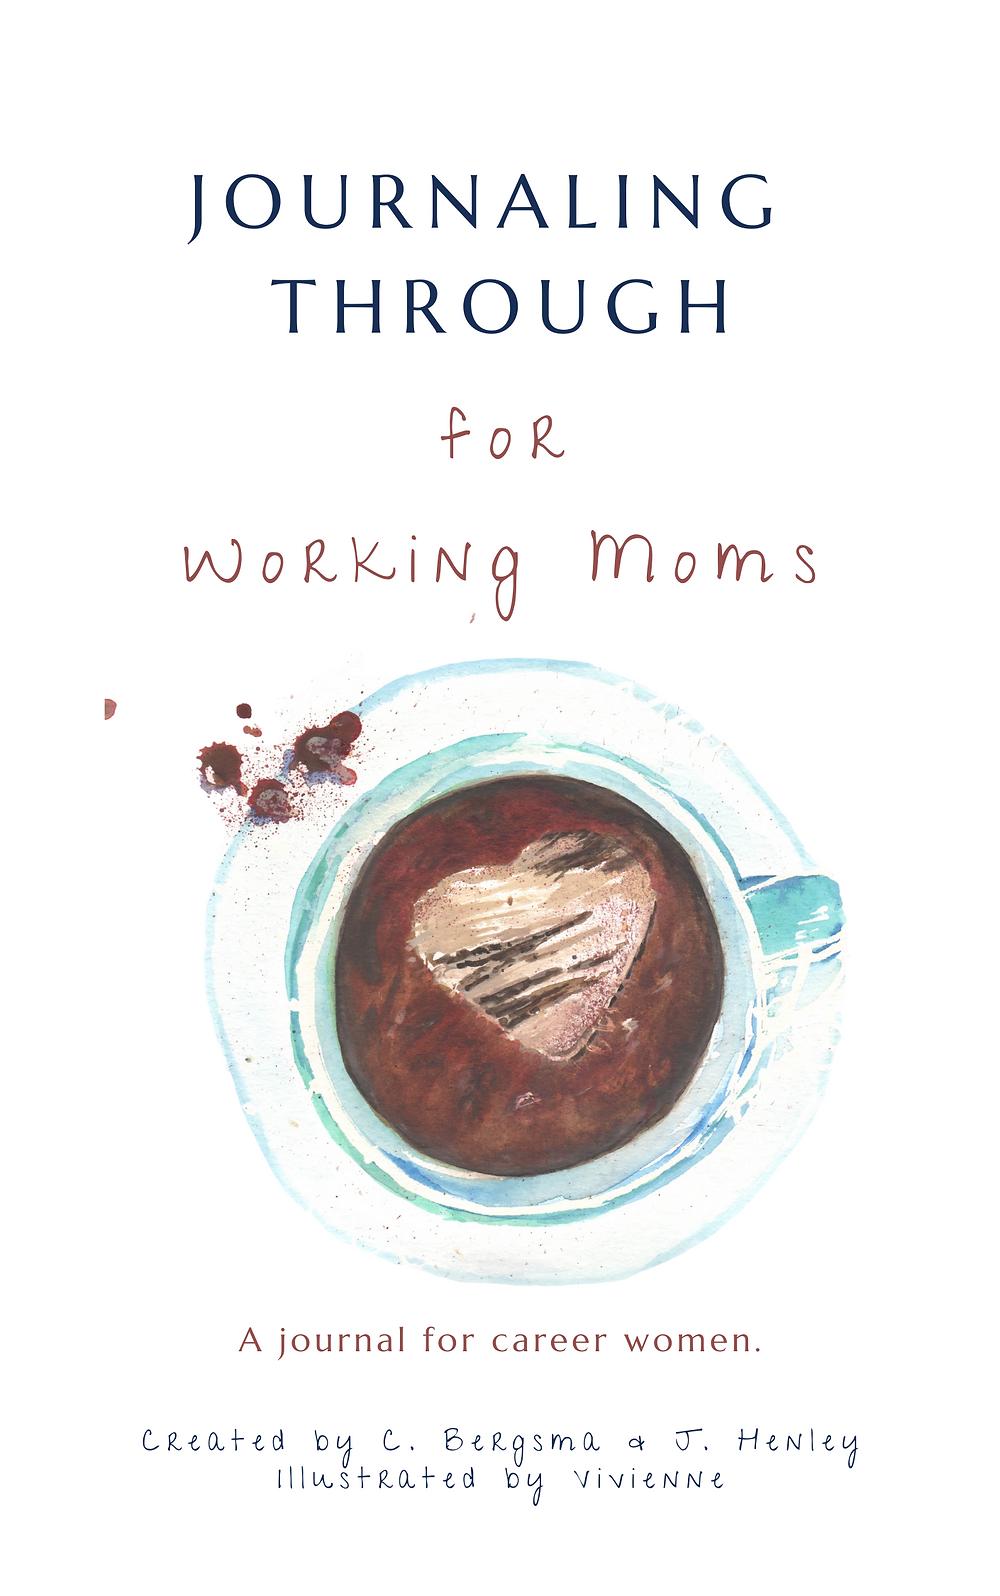 Career mom guided journal